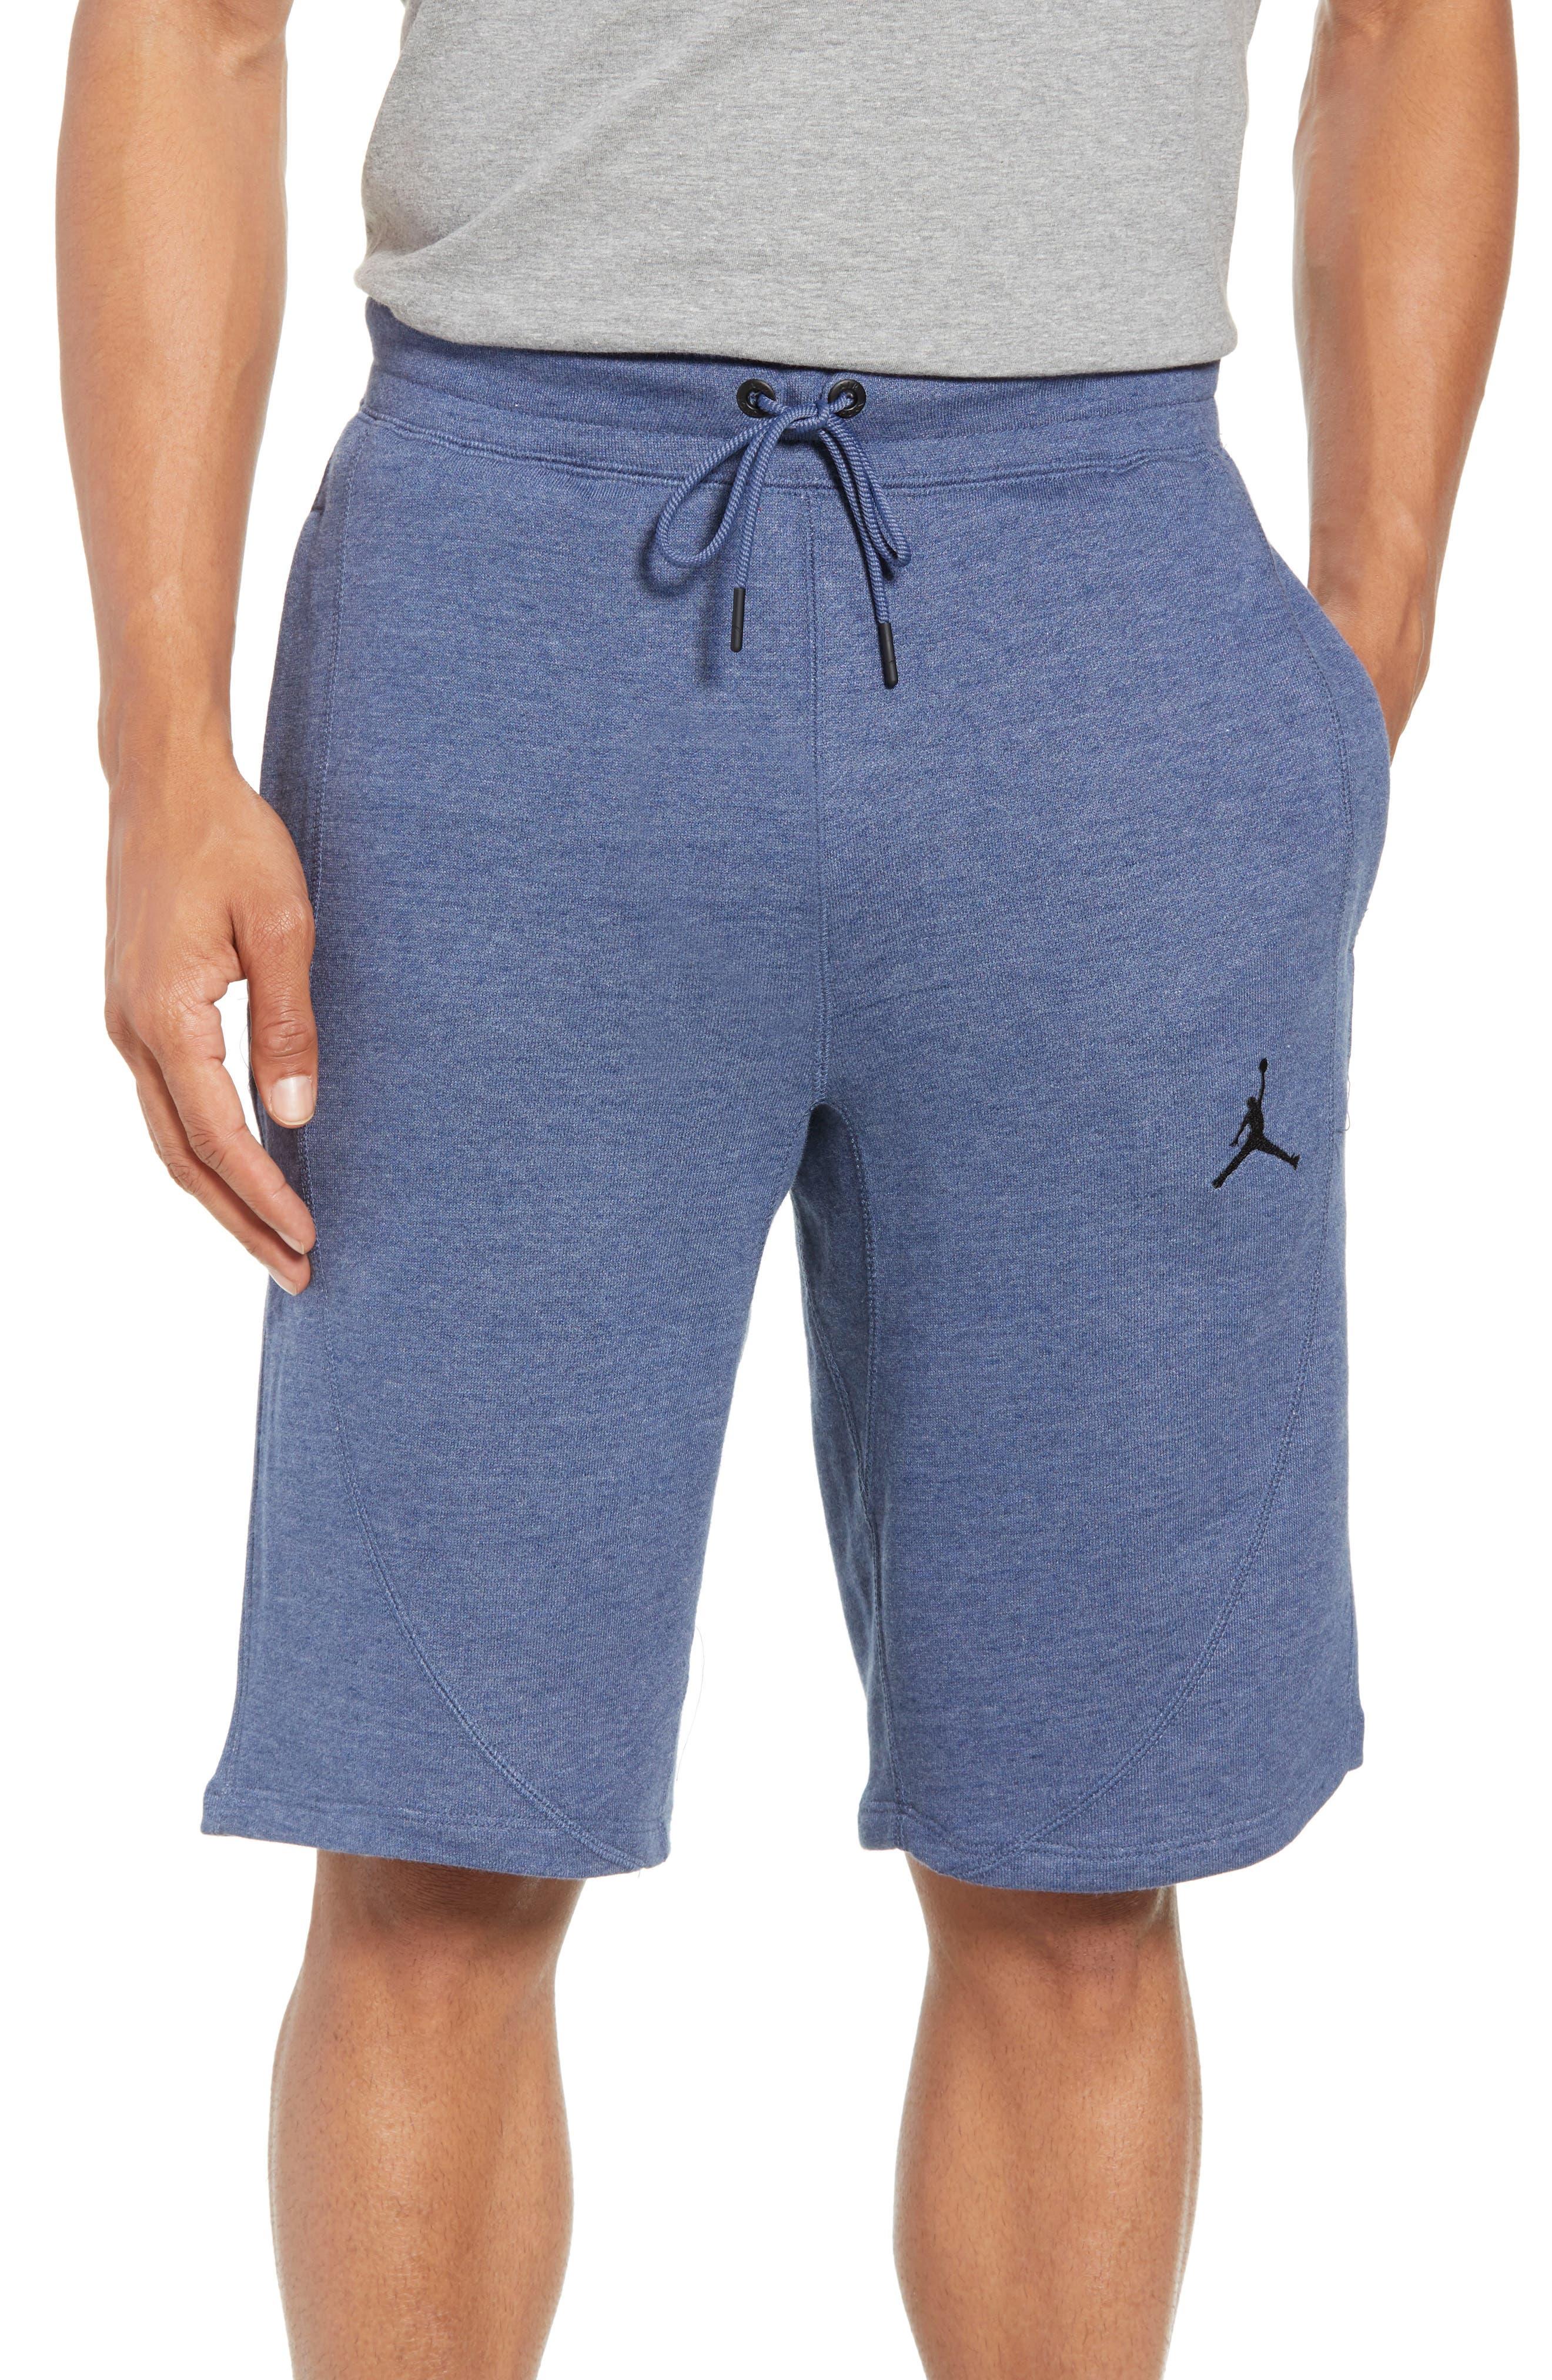 Wings Lite Knit Sweat Shorts by Jordan